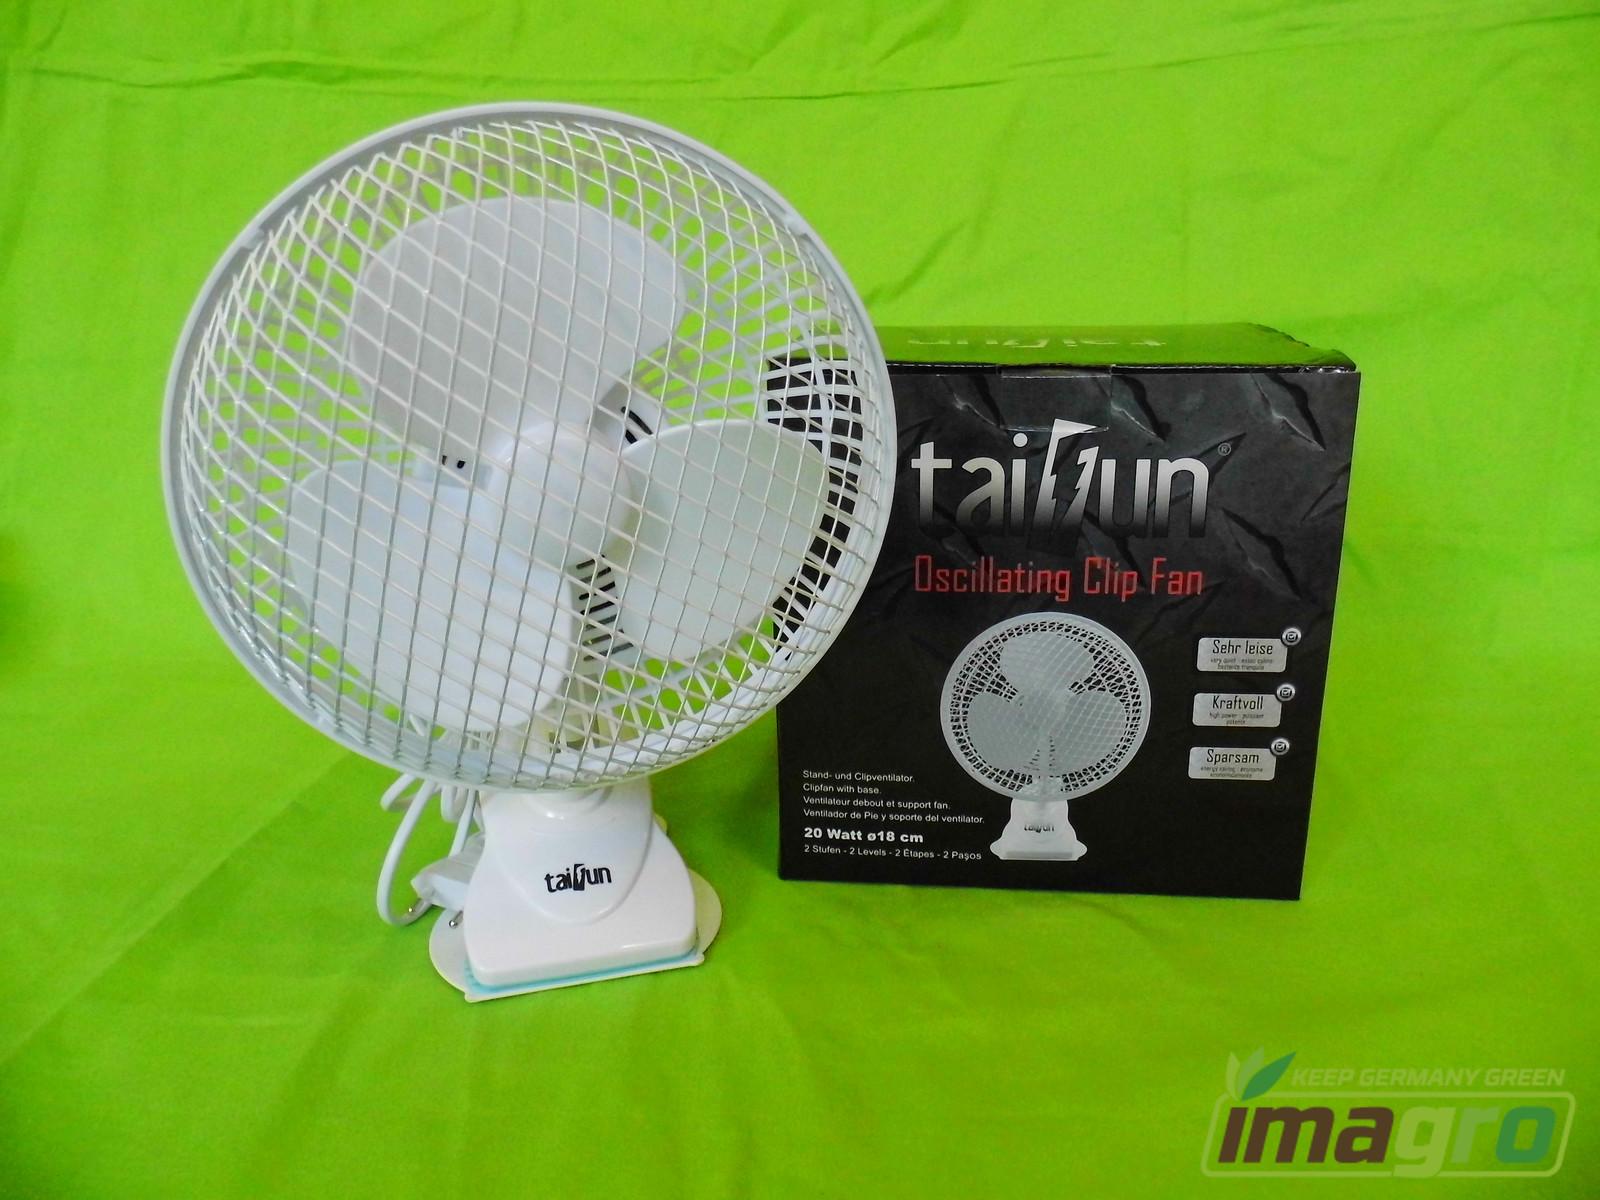 Taifun Clip /& Standventilator 18cm automatisch schwenkbar Tischventilator Grow